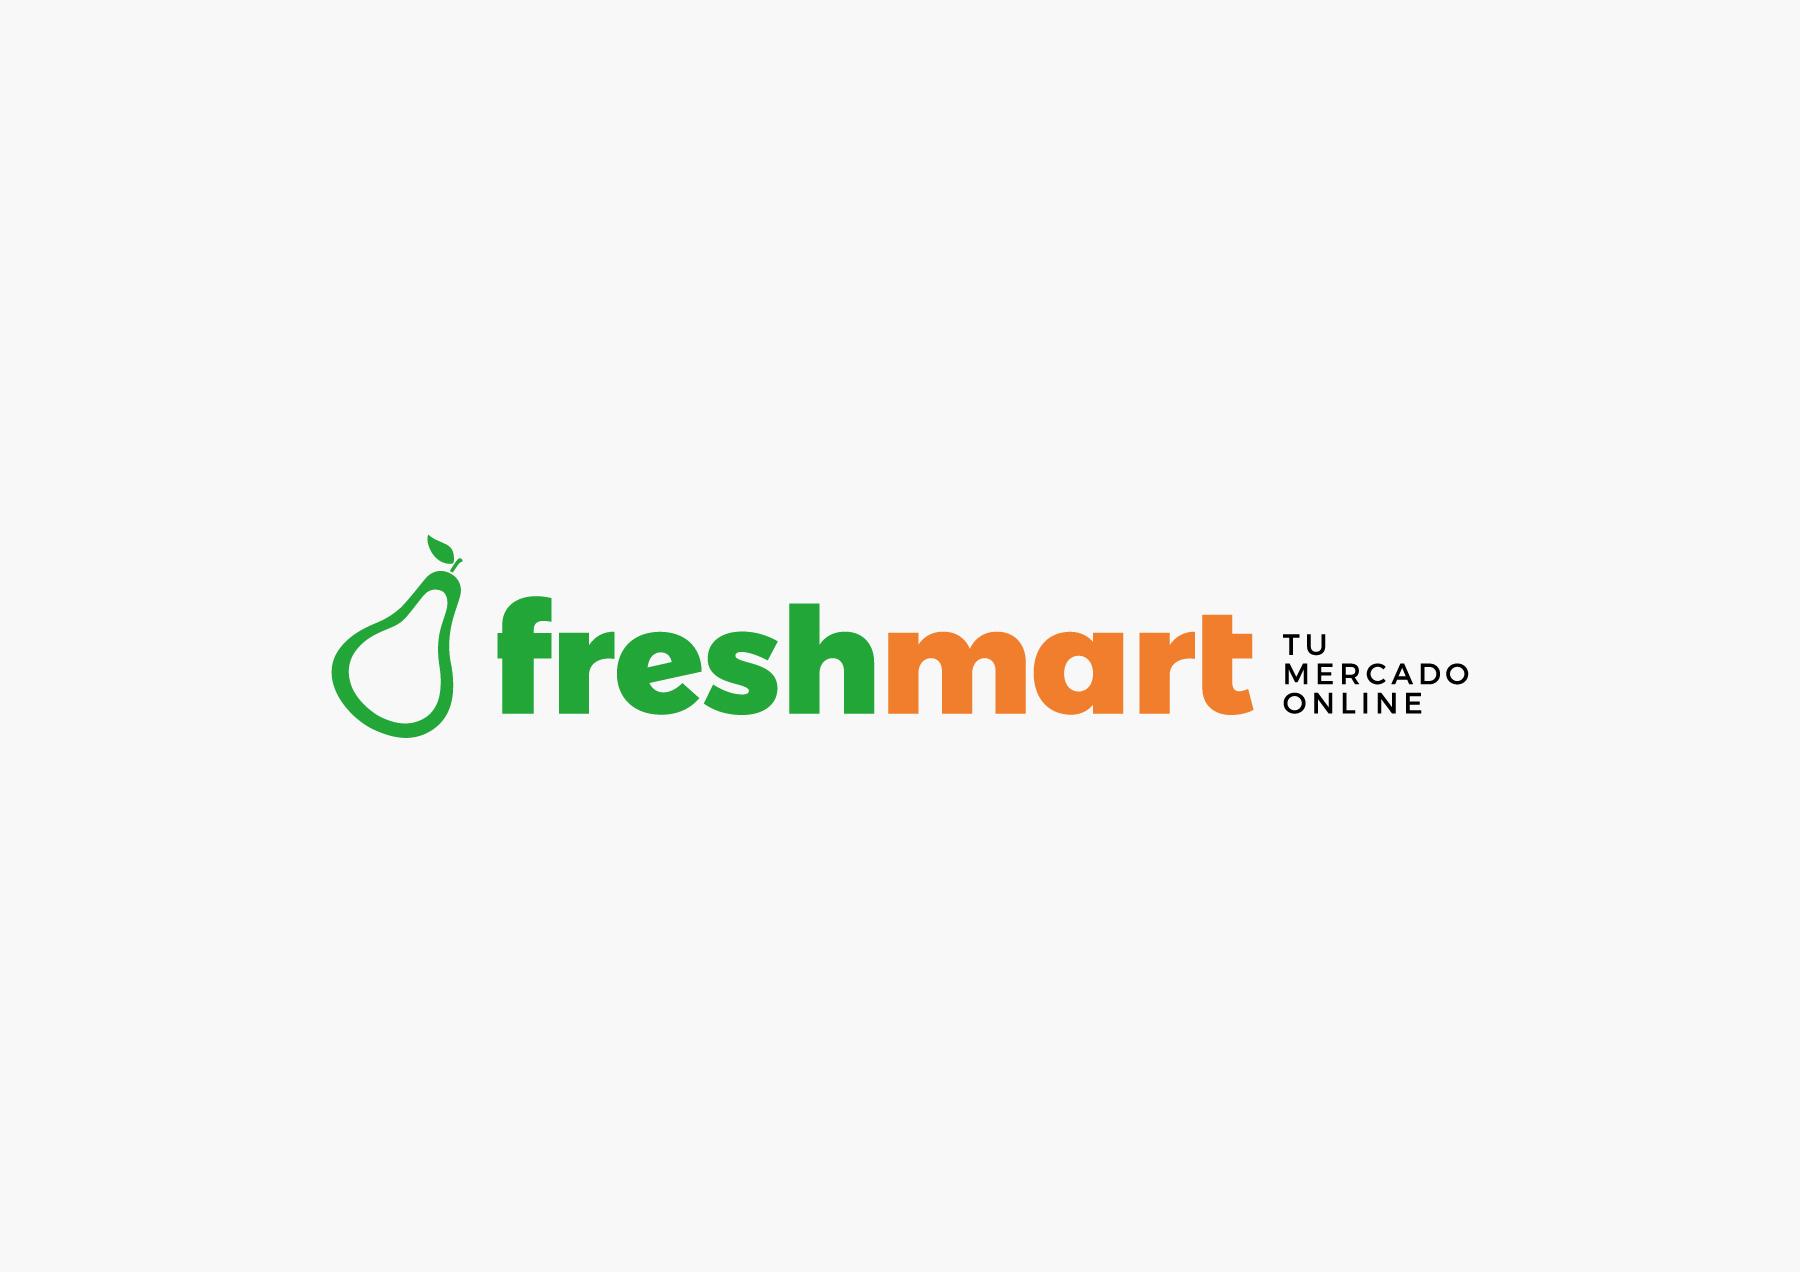 Freshmart_logotipo.jpg